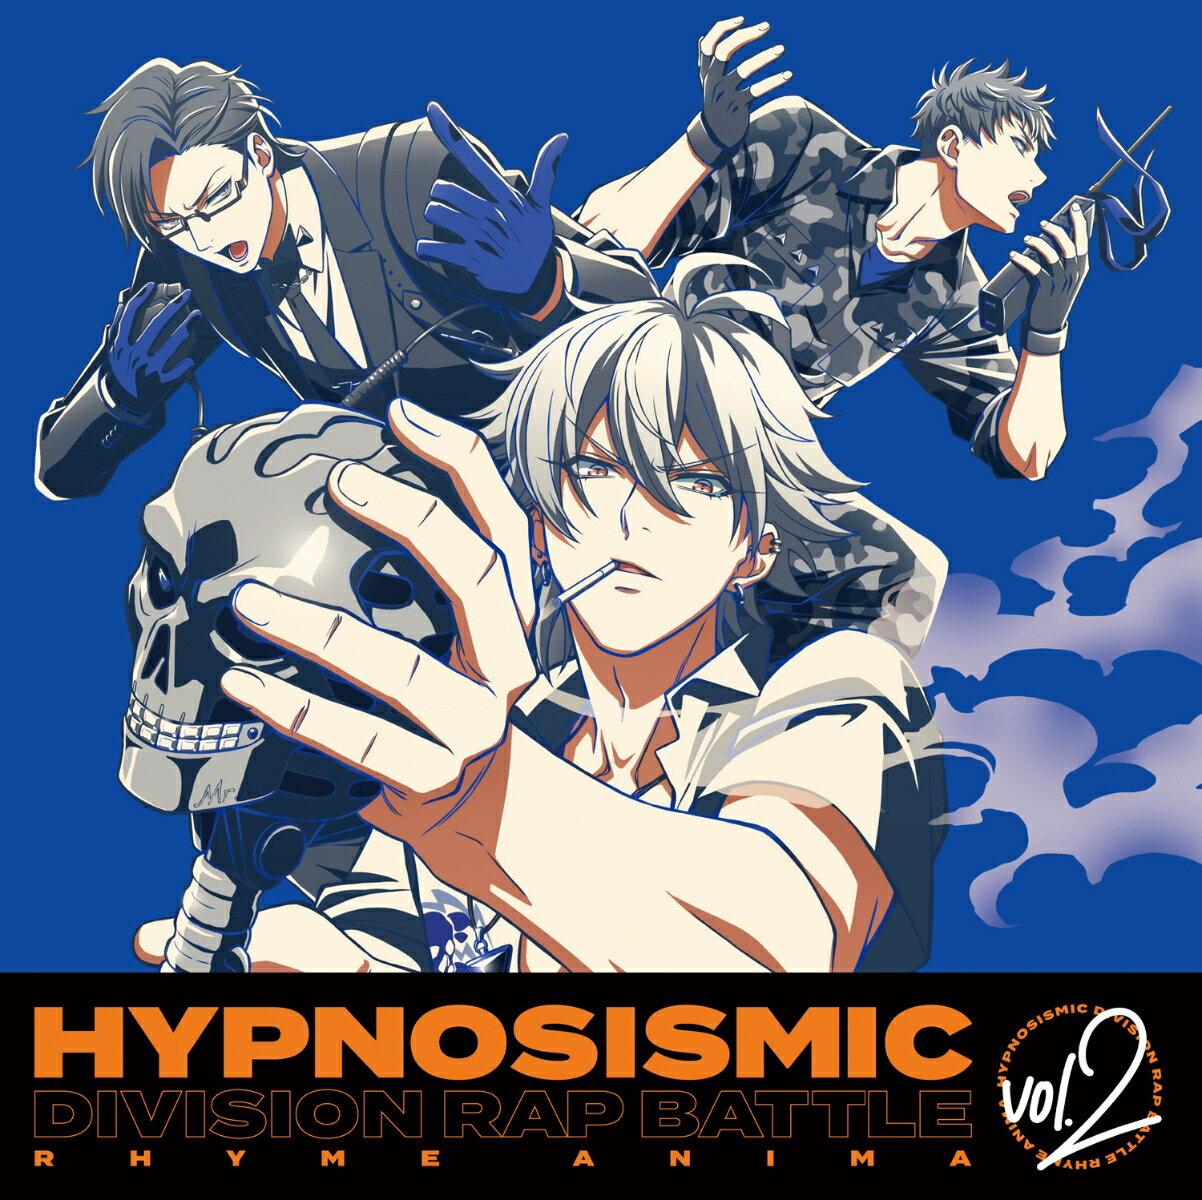 『ヒプノシスマイクーDivision Rap Battle-』 Rhyme Anima 2【完全生産限定版】【Blu-ray】